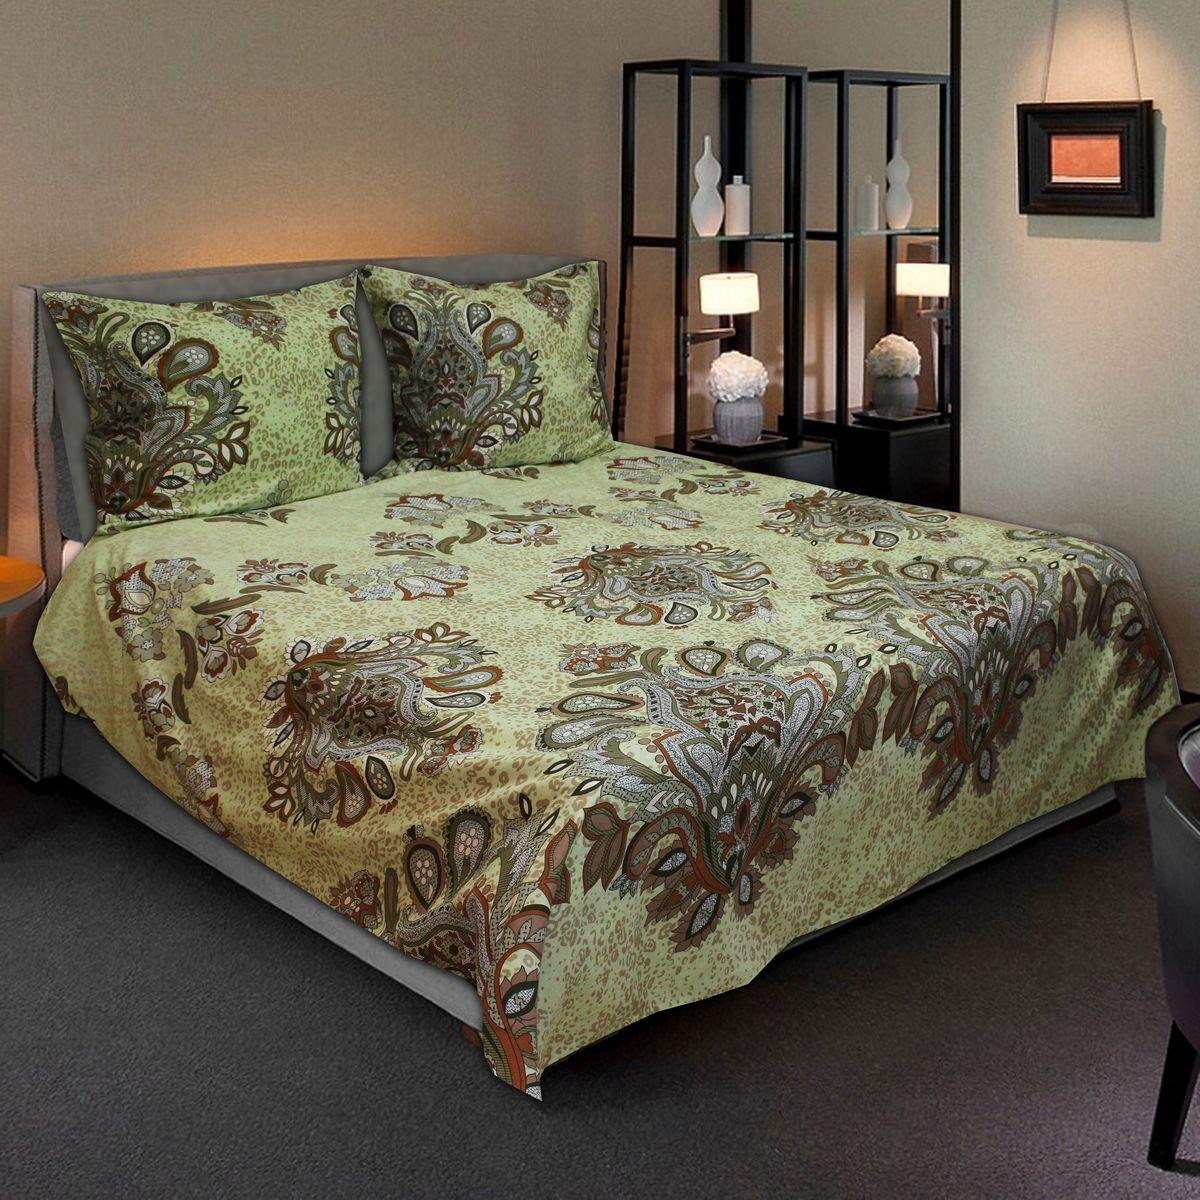 Комплект белья Amore Mio Decor, евро, наволочки 70х70CA-3505Комплект постельного белья Amore Mio является экологически безопасным для всей семьи, так как выполнен из бязи (100% хлопок). Комплект состоит из пододеяльника, простыни и двух наволочек. Постельное белье оформлено оригинальным рисунком и имеет изысканный внешний вид.Легкая, плотная, мягкая ткань отлично стирается, гладится, быстро сохнет. Рекомендации по уходу: Химчистка и отбеливание запрещены.Рекомендуется стирка в прохладной воде при температуре не выше 30°С.